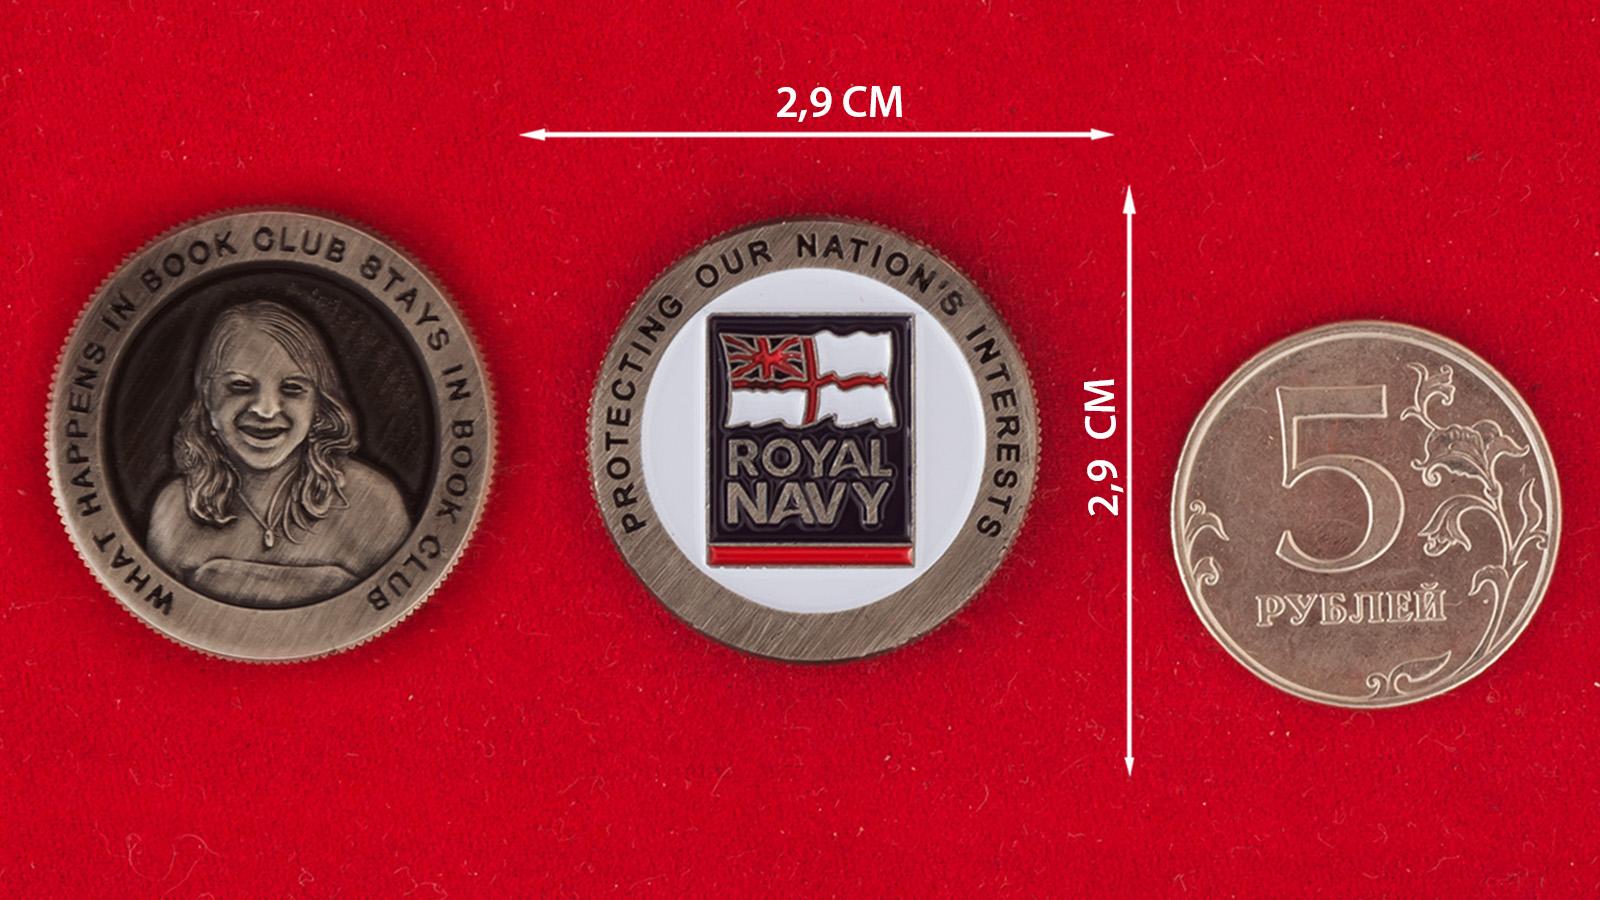 Челлендж коин библиотечного клуба Королевских ВМС Великобритании - сравнительный размер